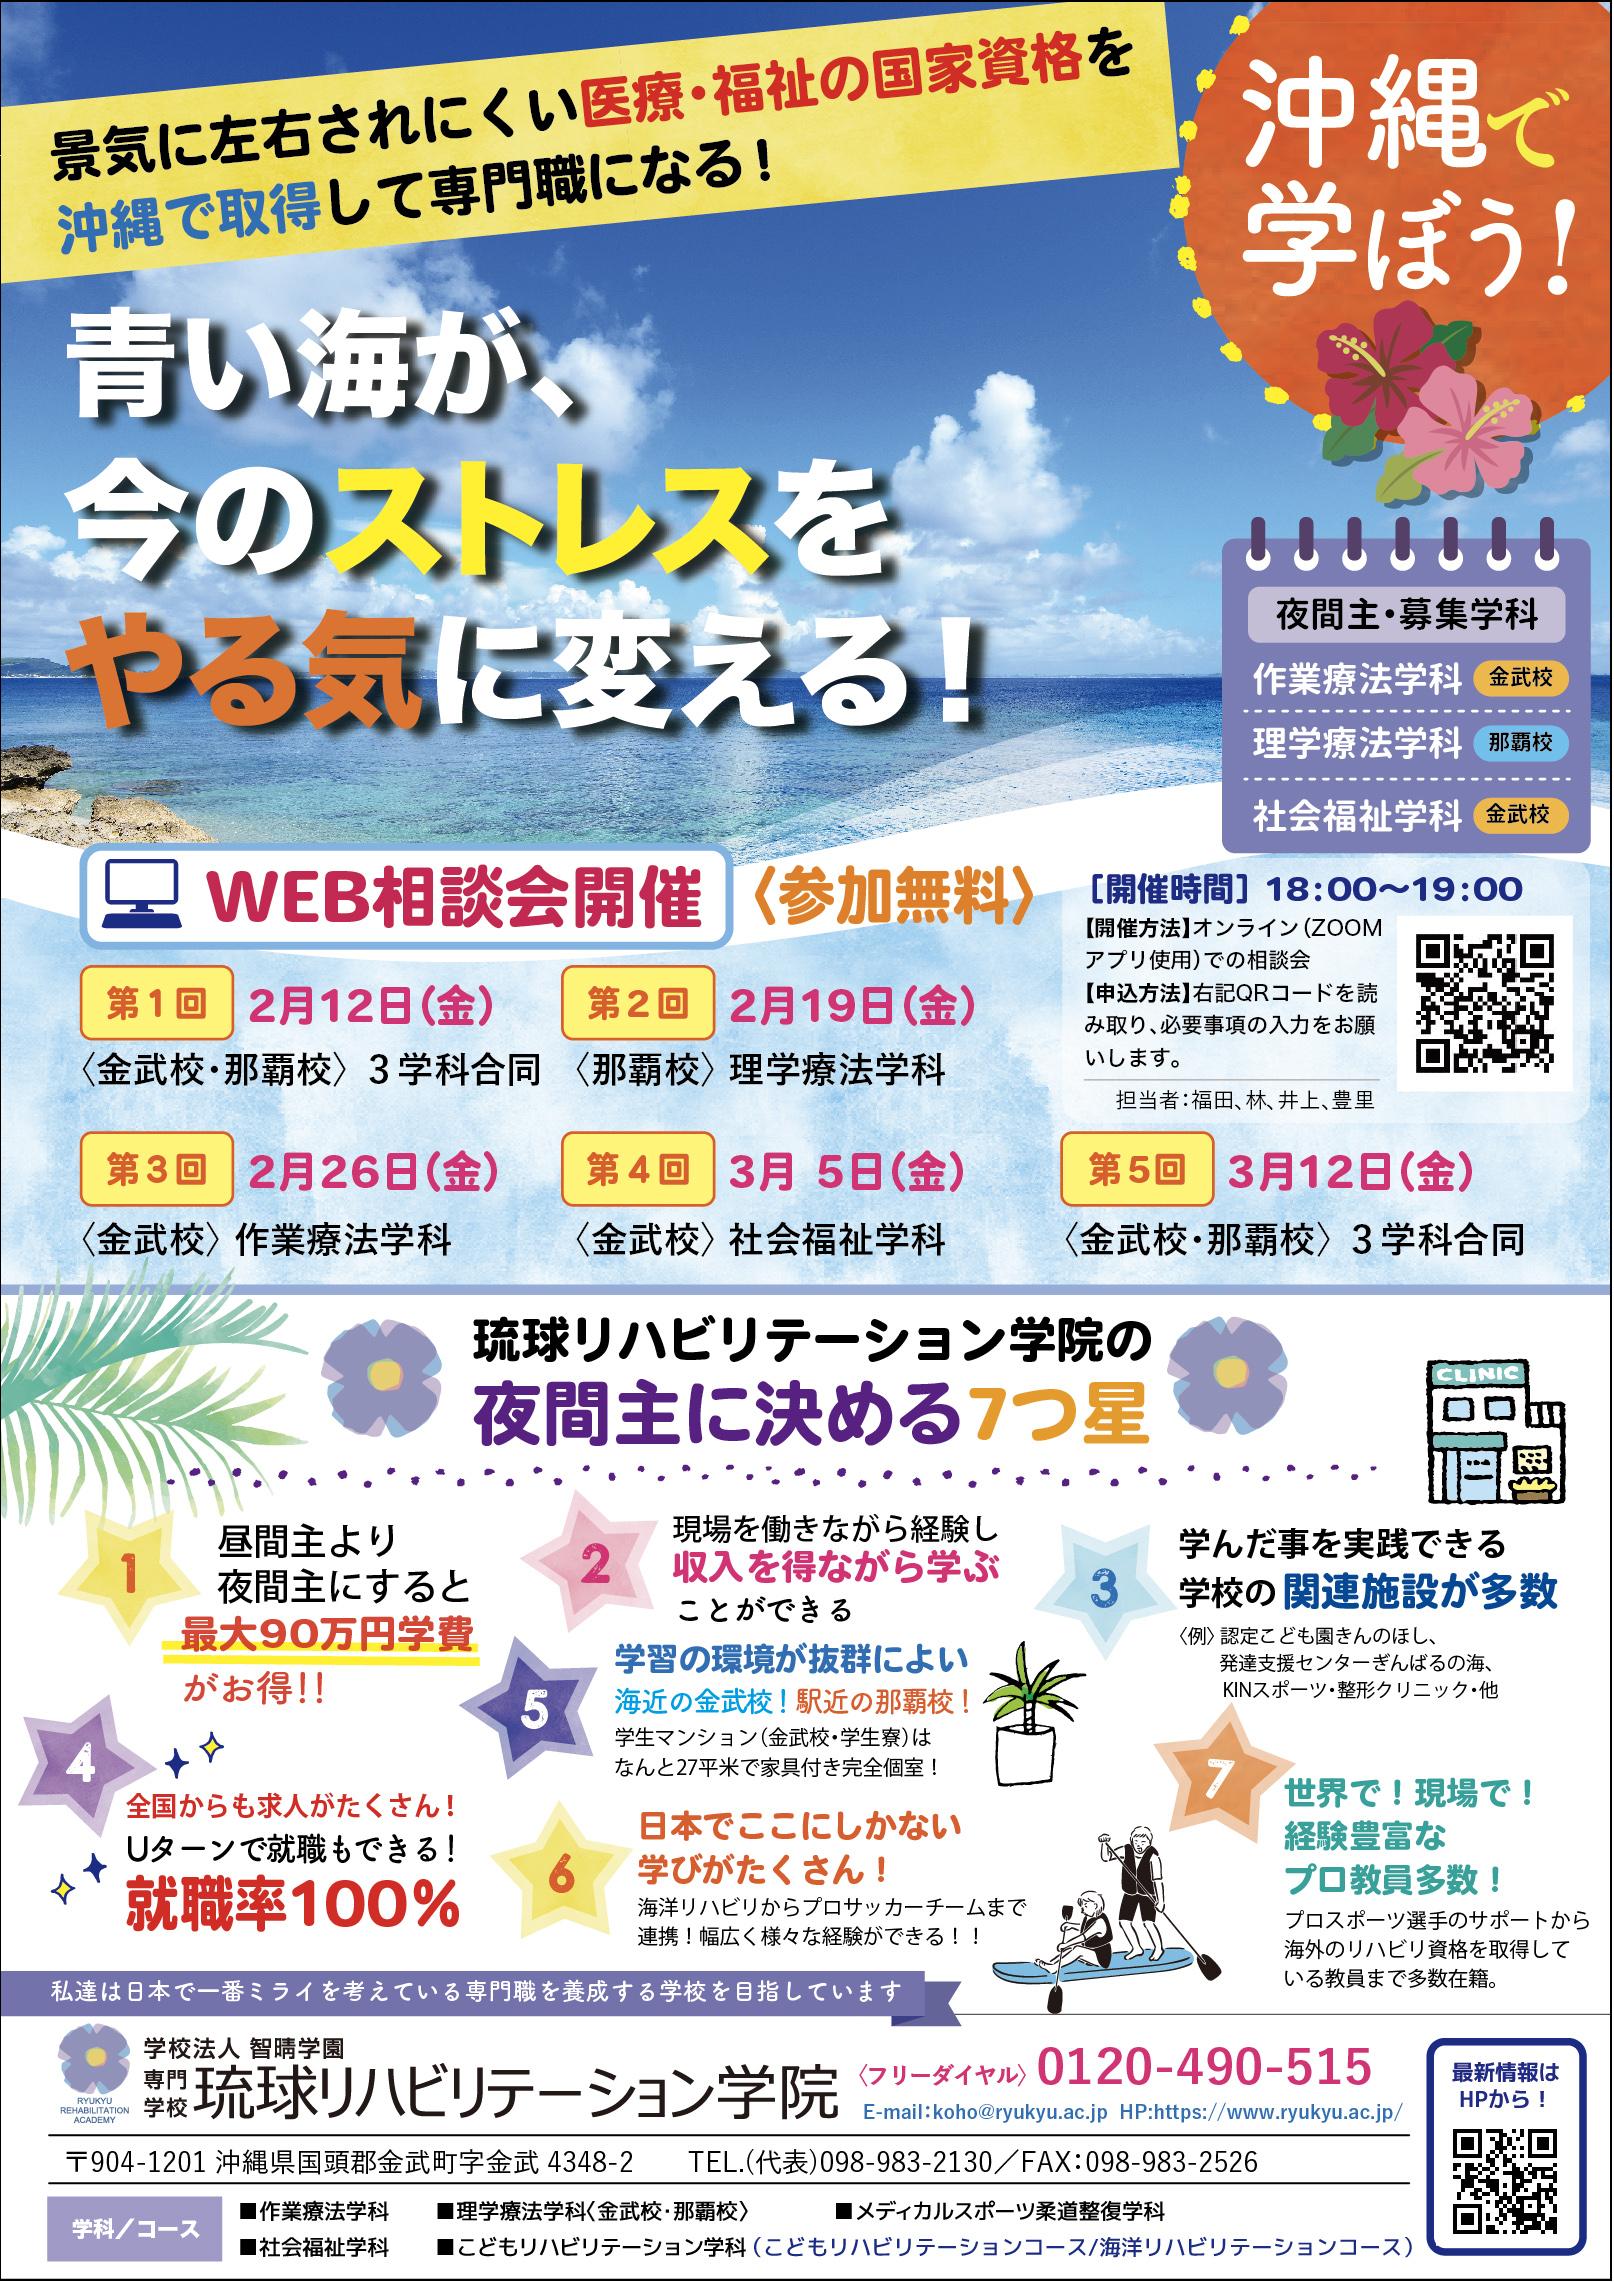 沖縄で国家資格を取ろう!!WEB相談会を開催!